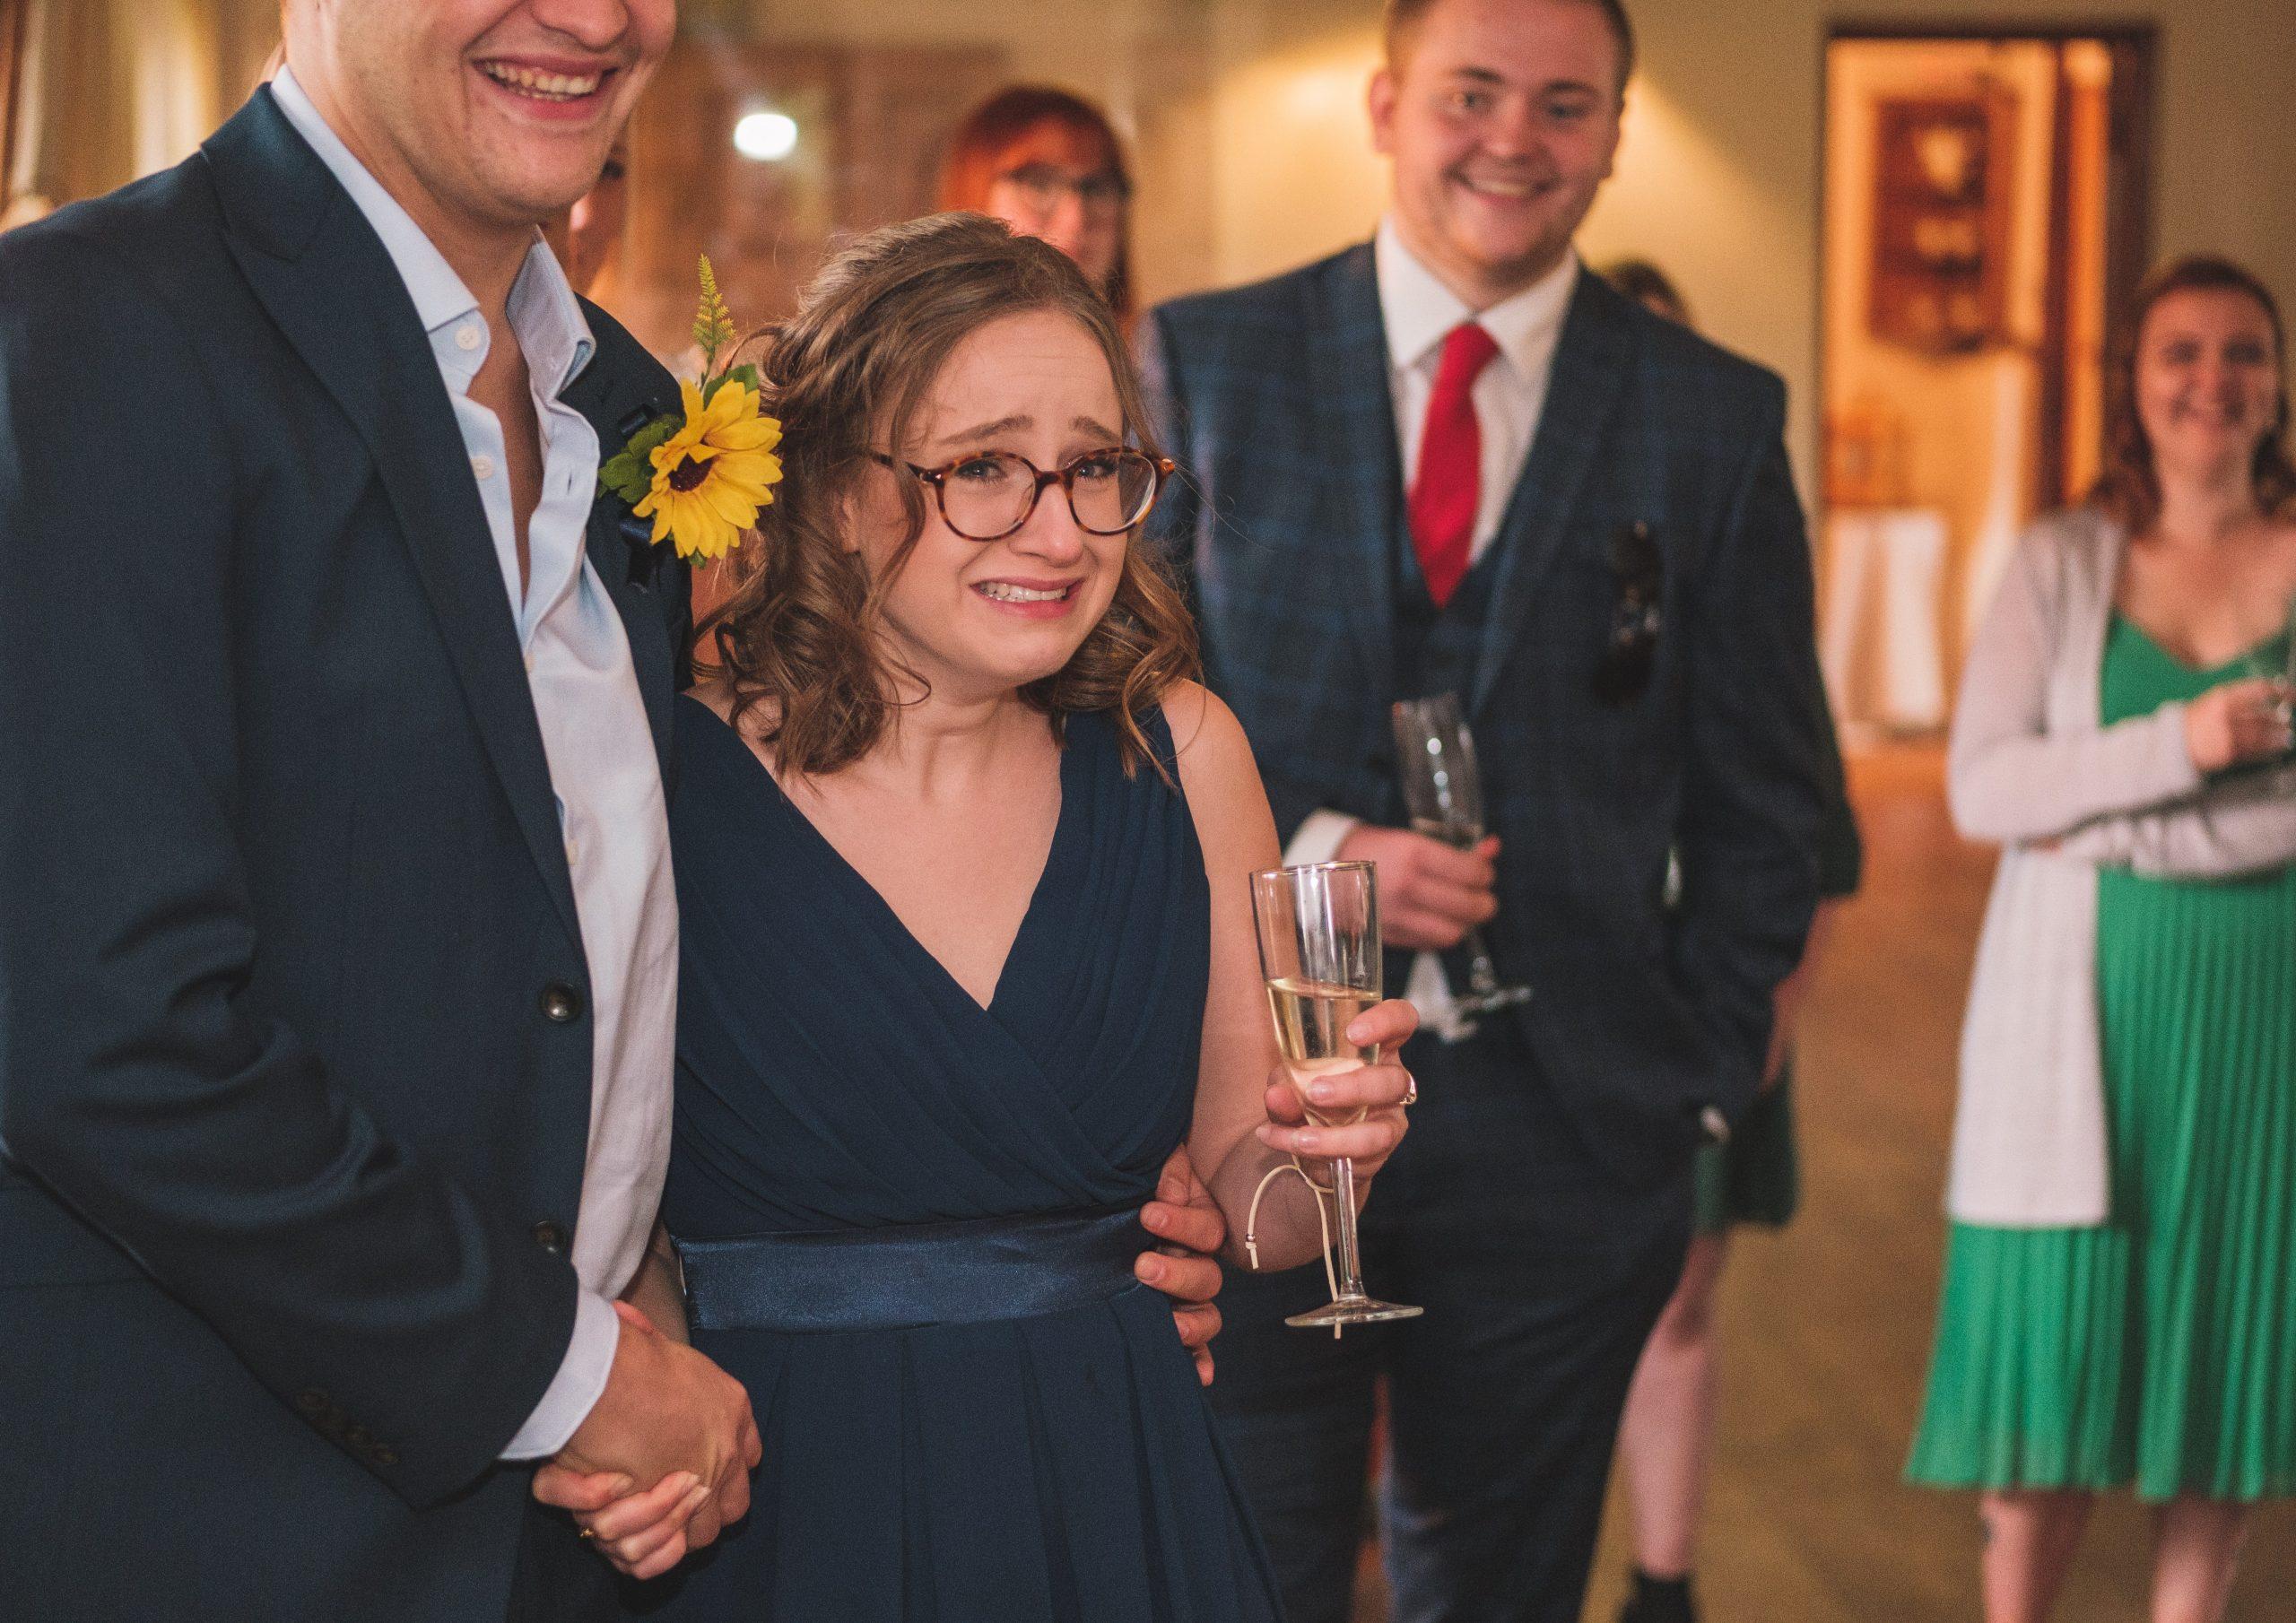 emotional wedding guest at Essex wedding